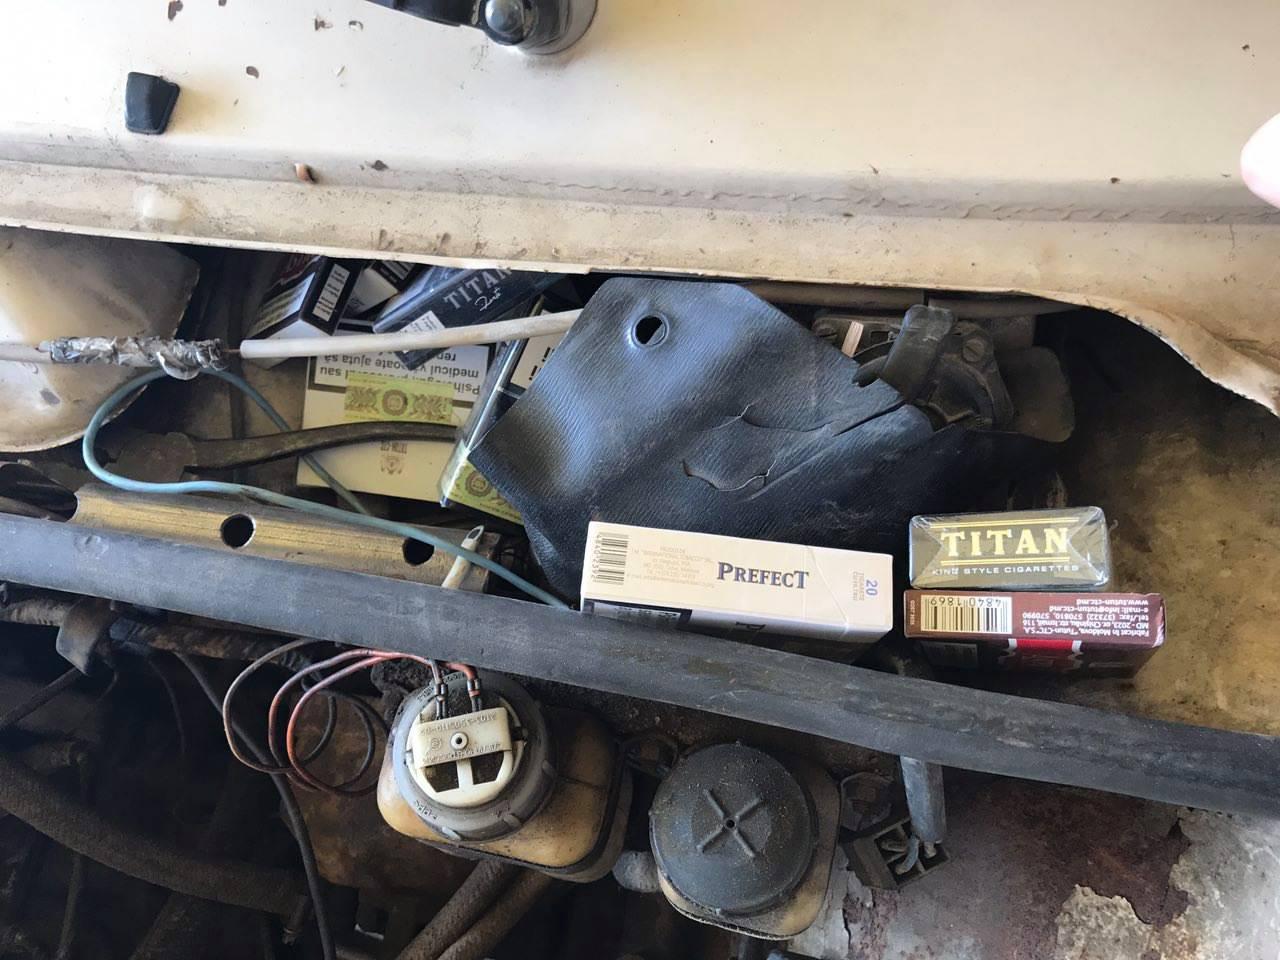 20464835_332601407183903_1352622773_o Не перехитрил: из-за 89 пачек контрабандных сигарет гражданин Молдовы оставил автомобиль